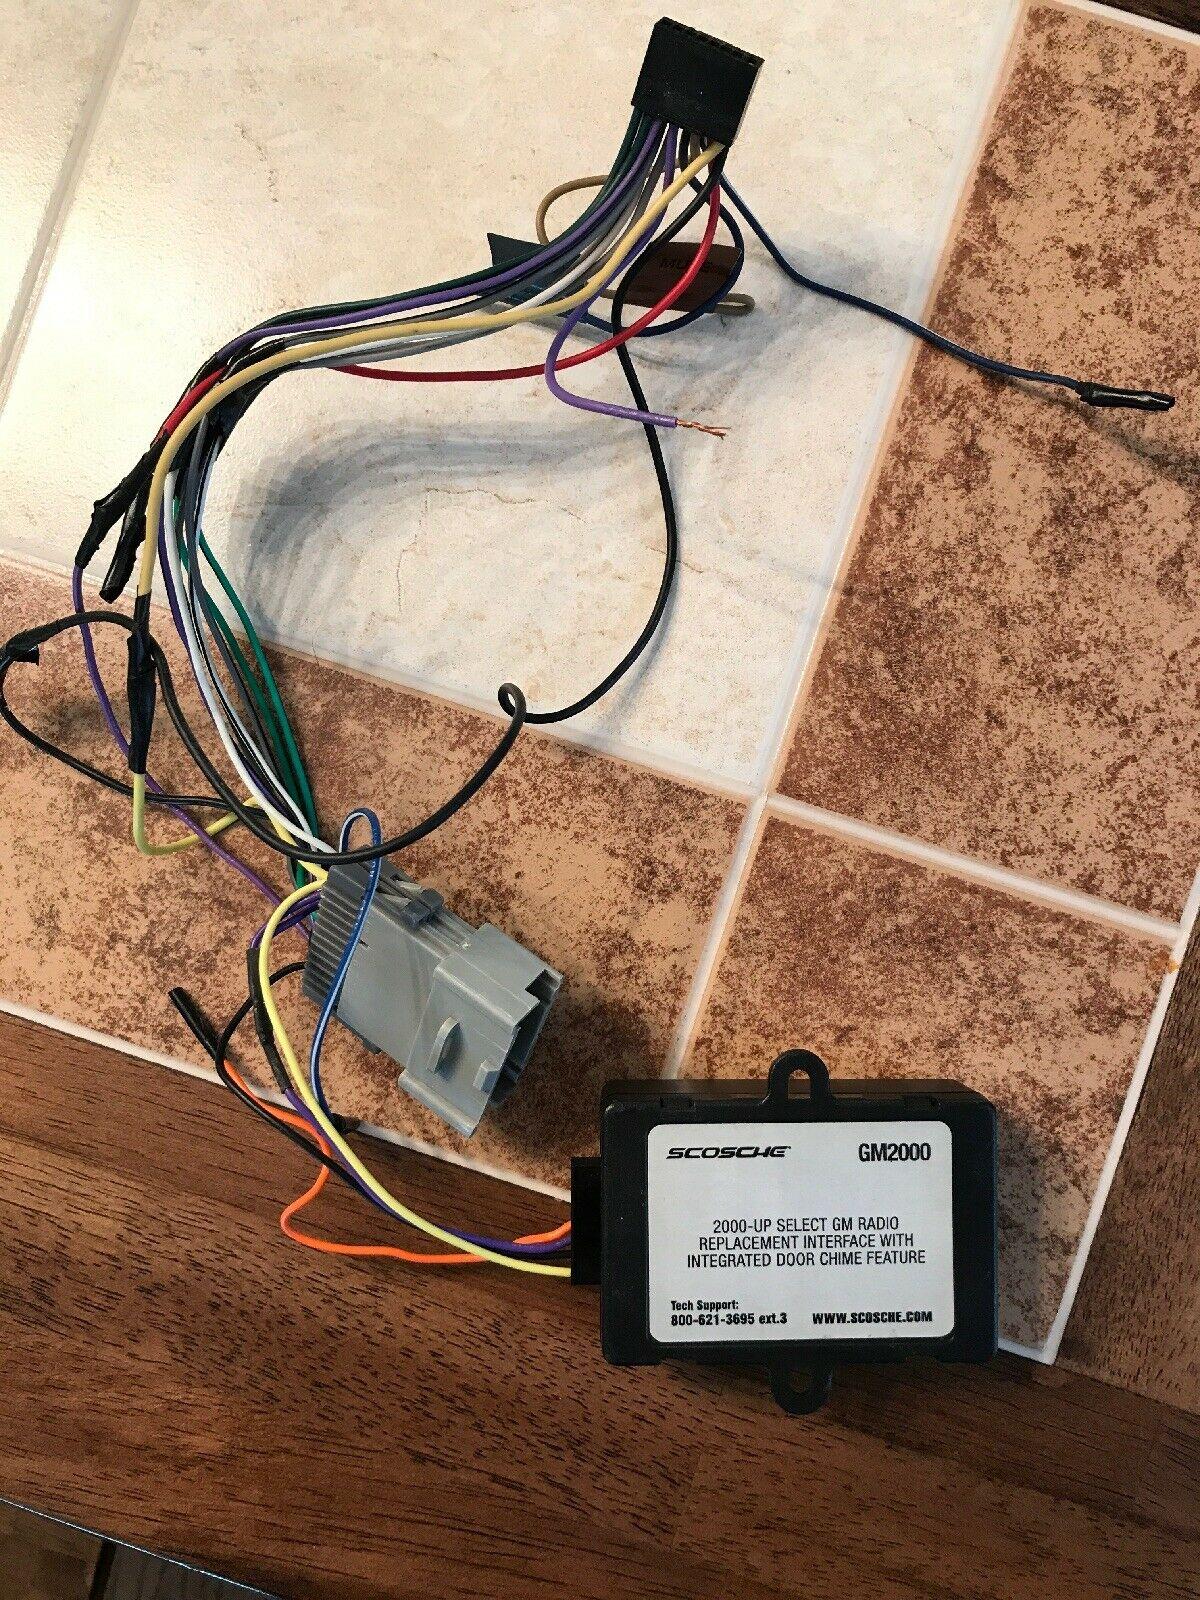 scosche gm2000 wiring - wiring diagram bland-upgrade -  bland-upgrade.agriturismoduemadonne.it  agriturismoduemadonne.it